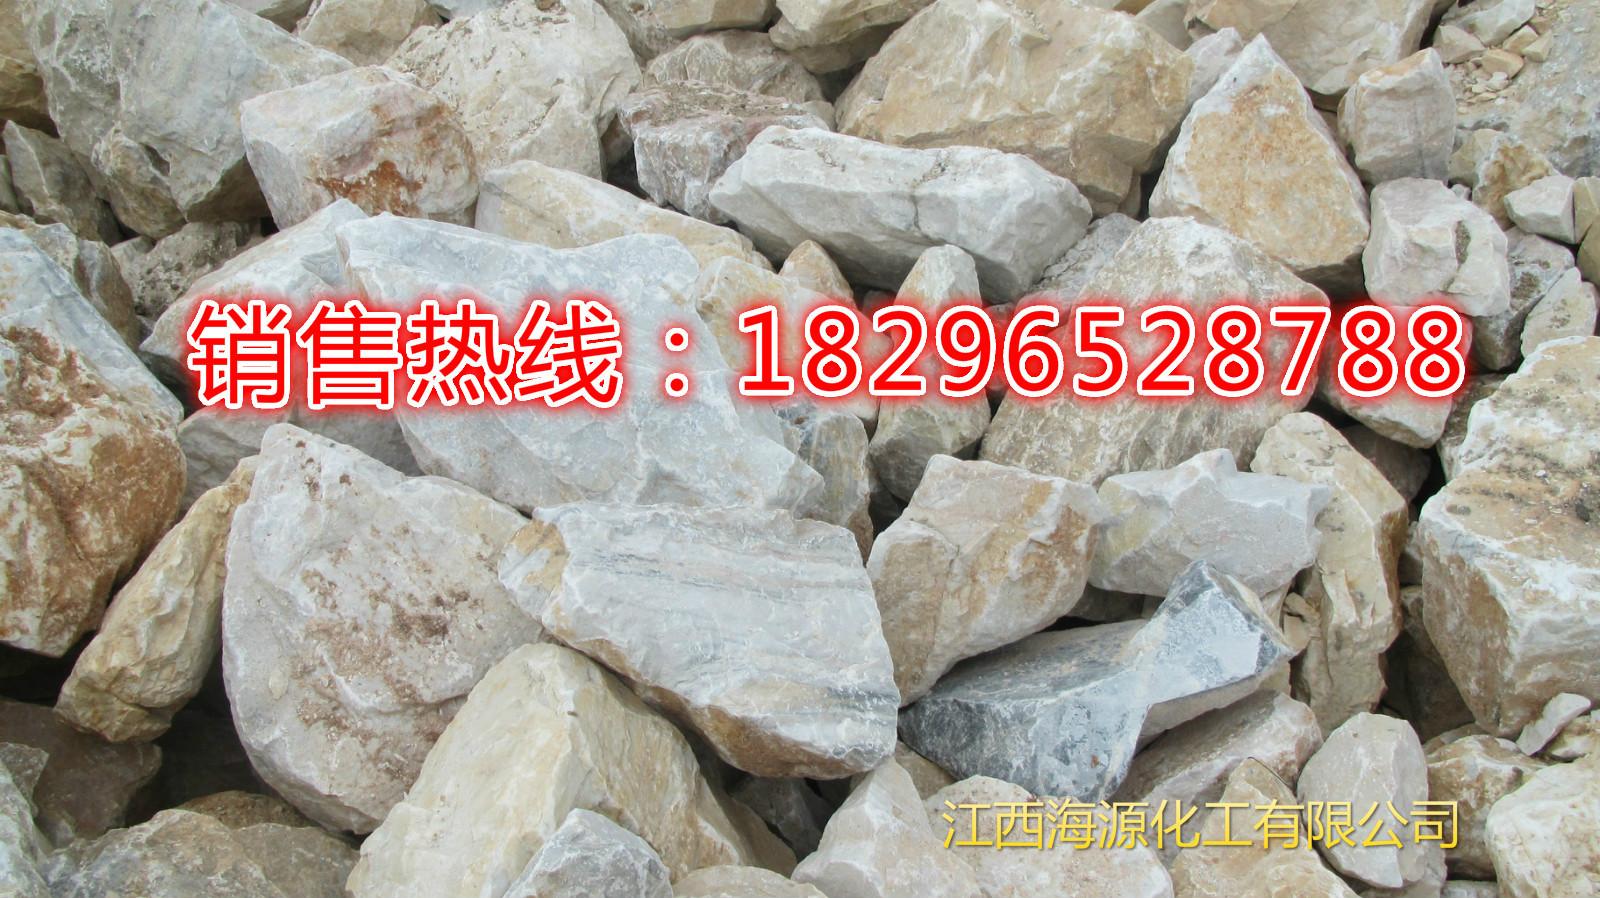 供应用于塑料涂料填充的江苏涂料专用超细超白重质碳酸钙